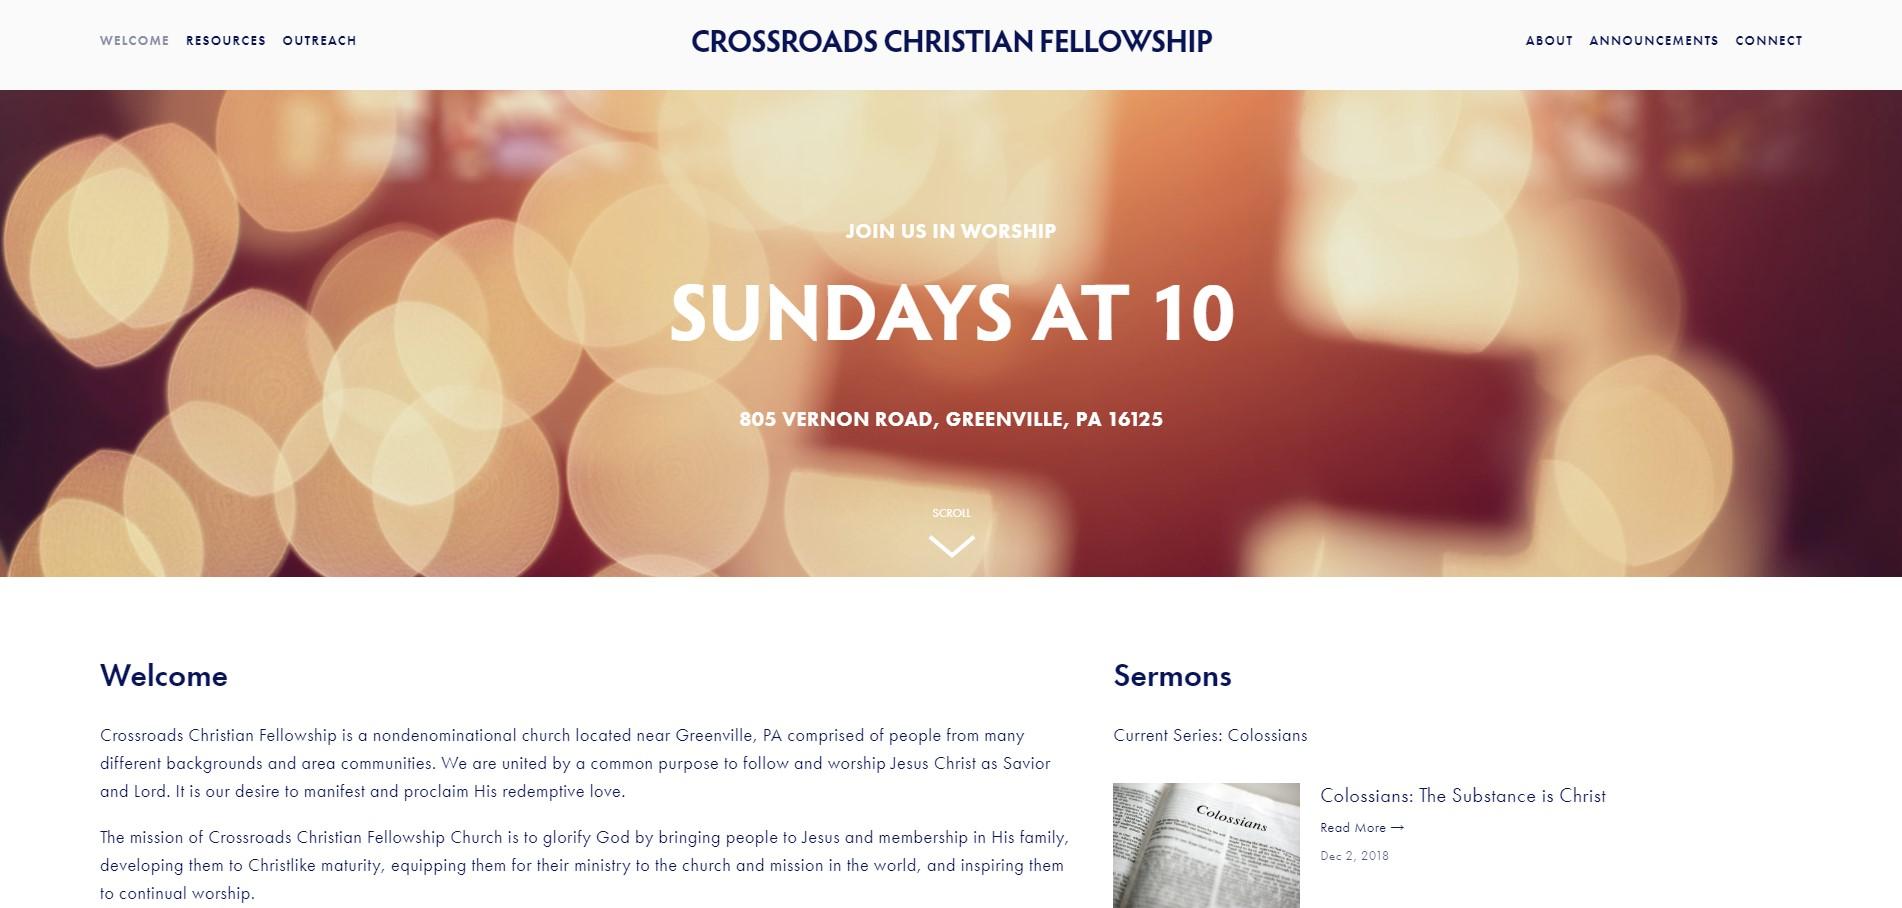 crossroadschristianfellowship.jpg